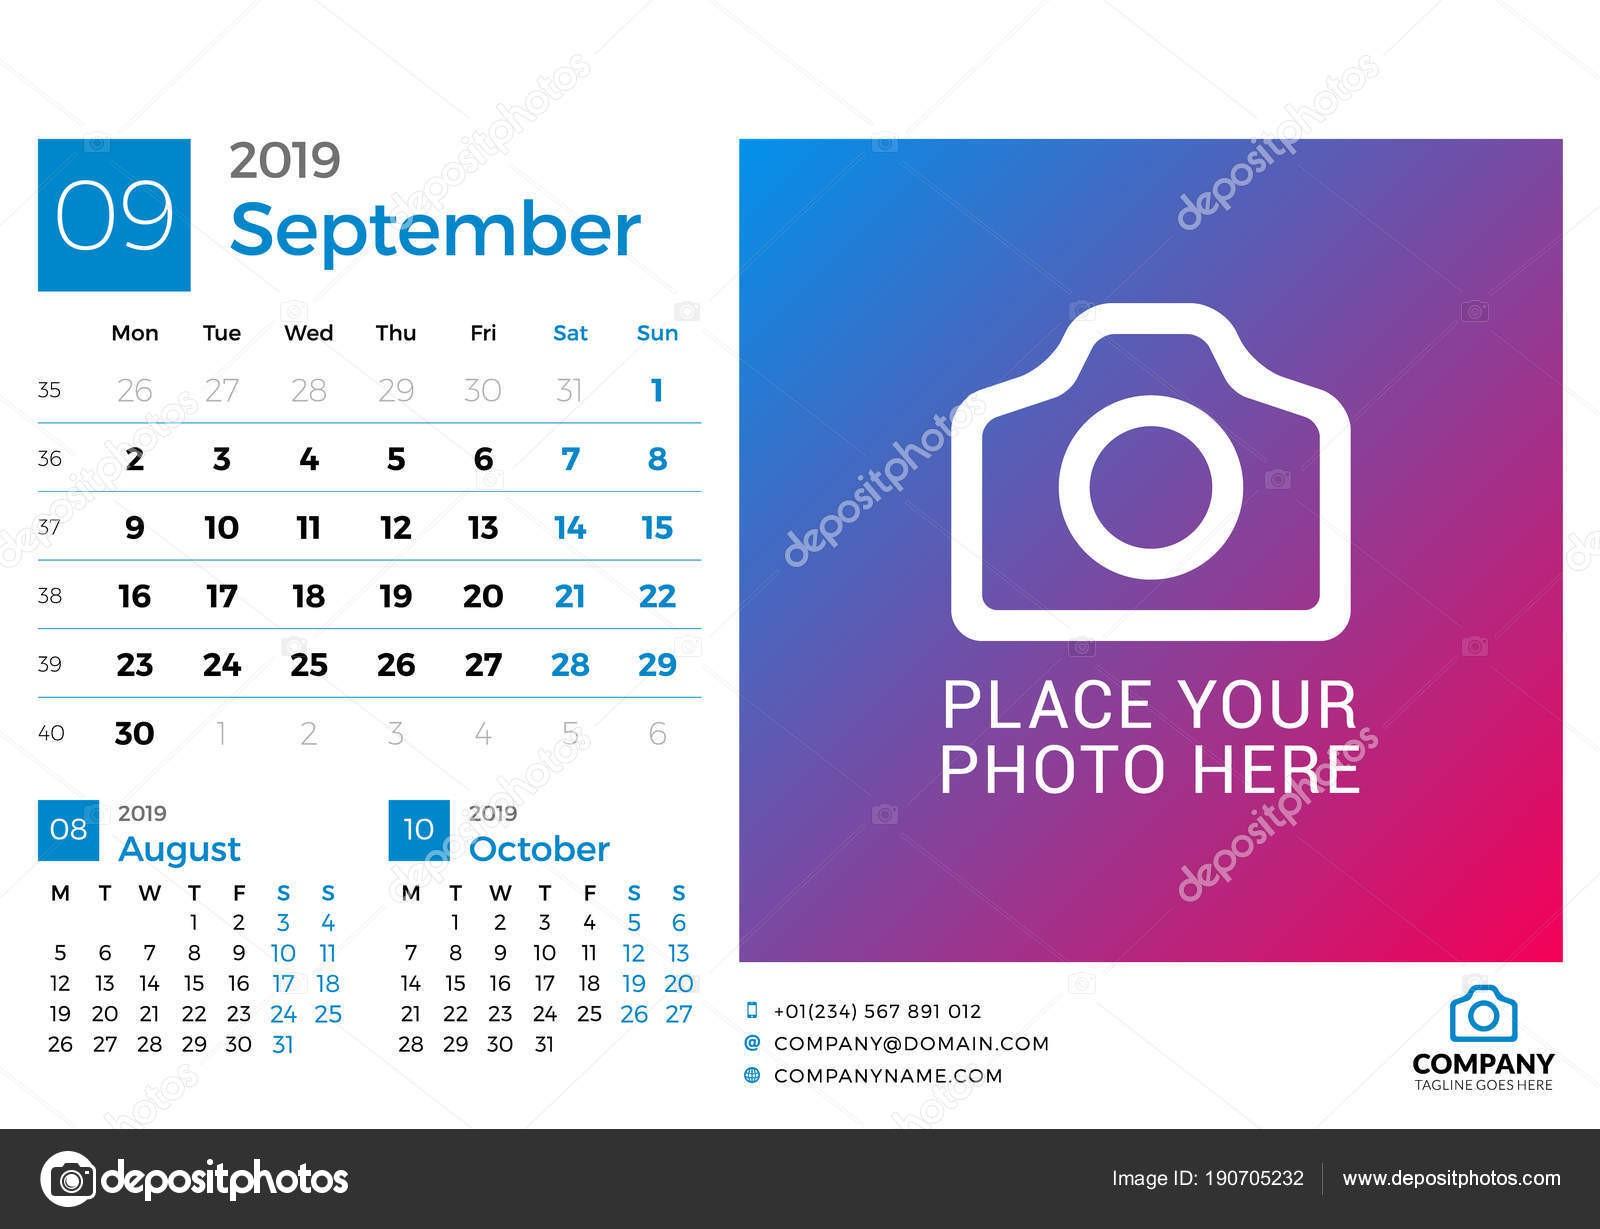 Imprimir Calendario 2019 De Bolsillo Mejores Y Más Novedosos Calendario De Septiembre De 2019 Vector Dise±o Imprimir La Of Imprimir Calendario 2019 De Bolsillo Más Reciente Calendario 2015 Para Imprimir Icalendario